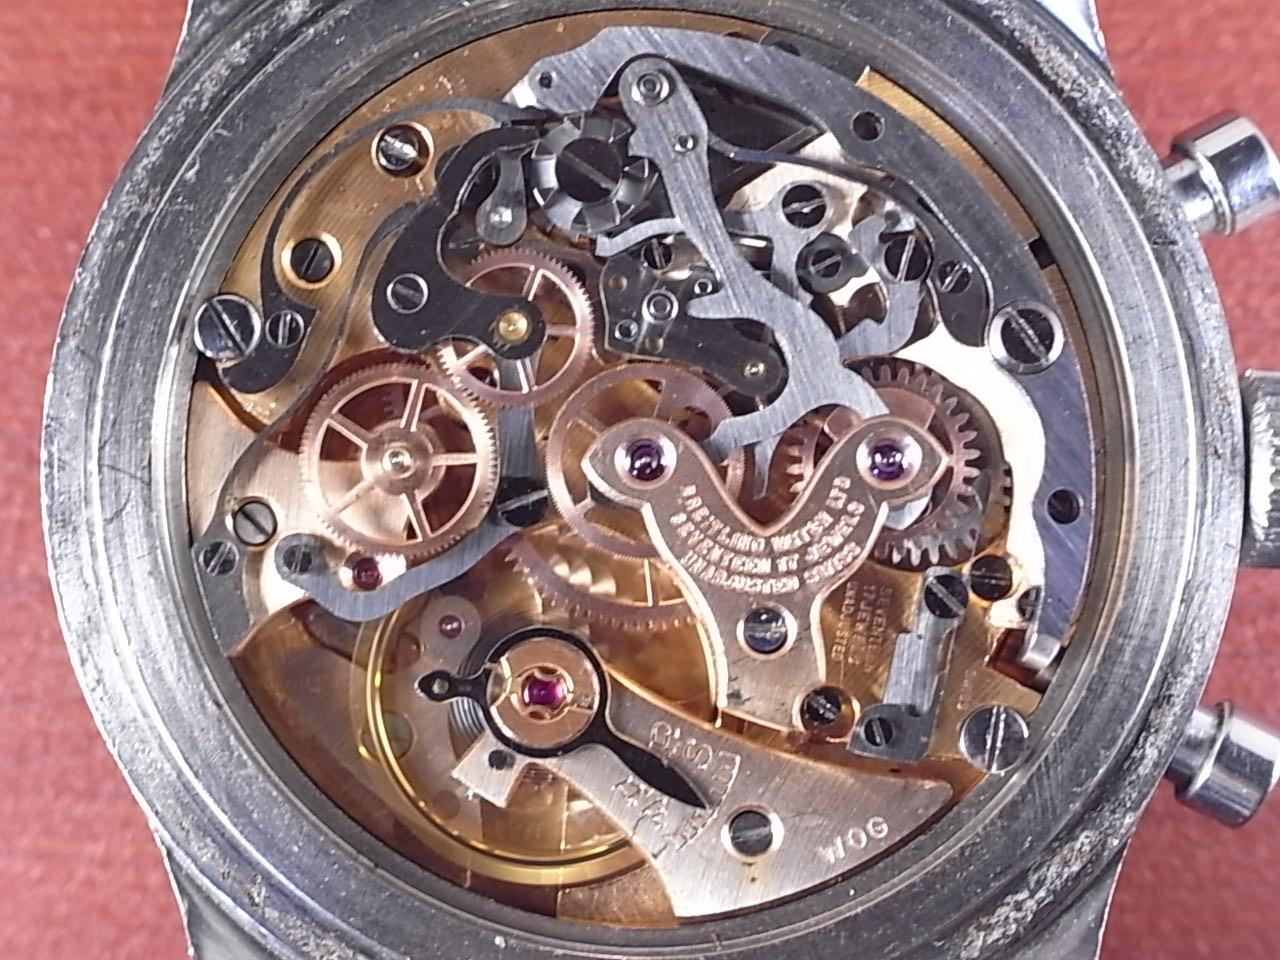 ブライトリング ナビタイマー 1stモデル Ref.806 ヴィーナス178 1950年代の写真5枚目